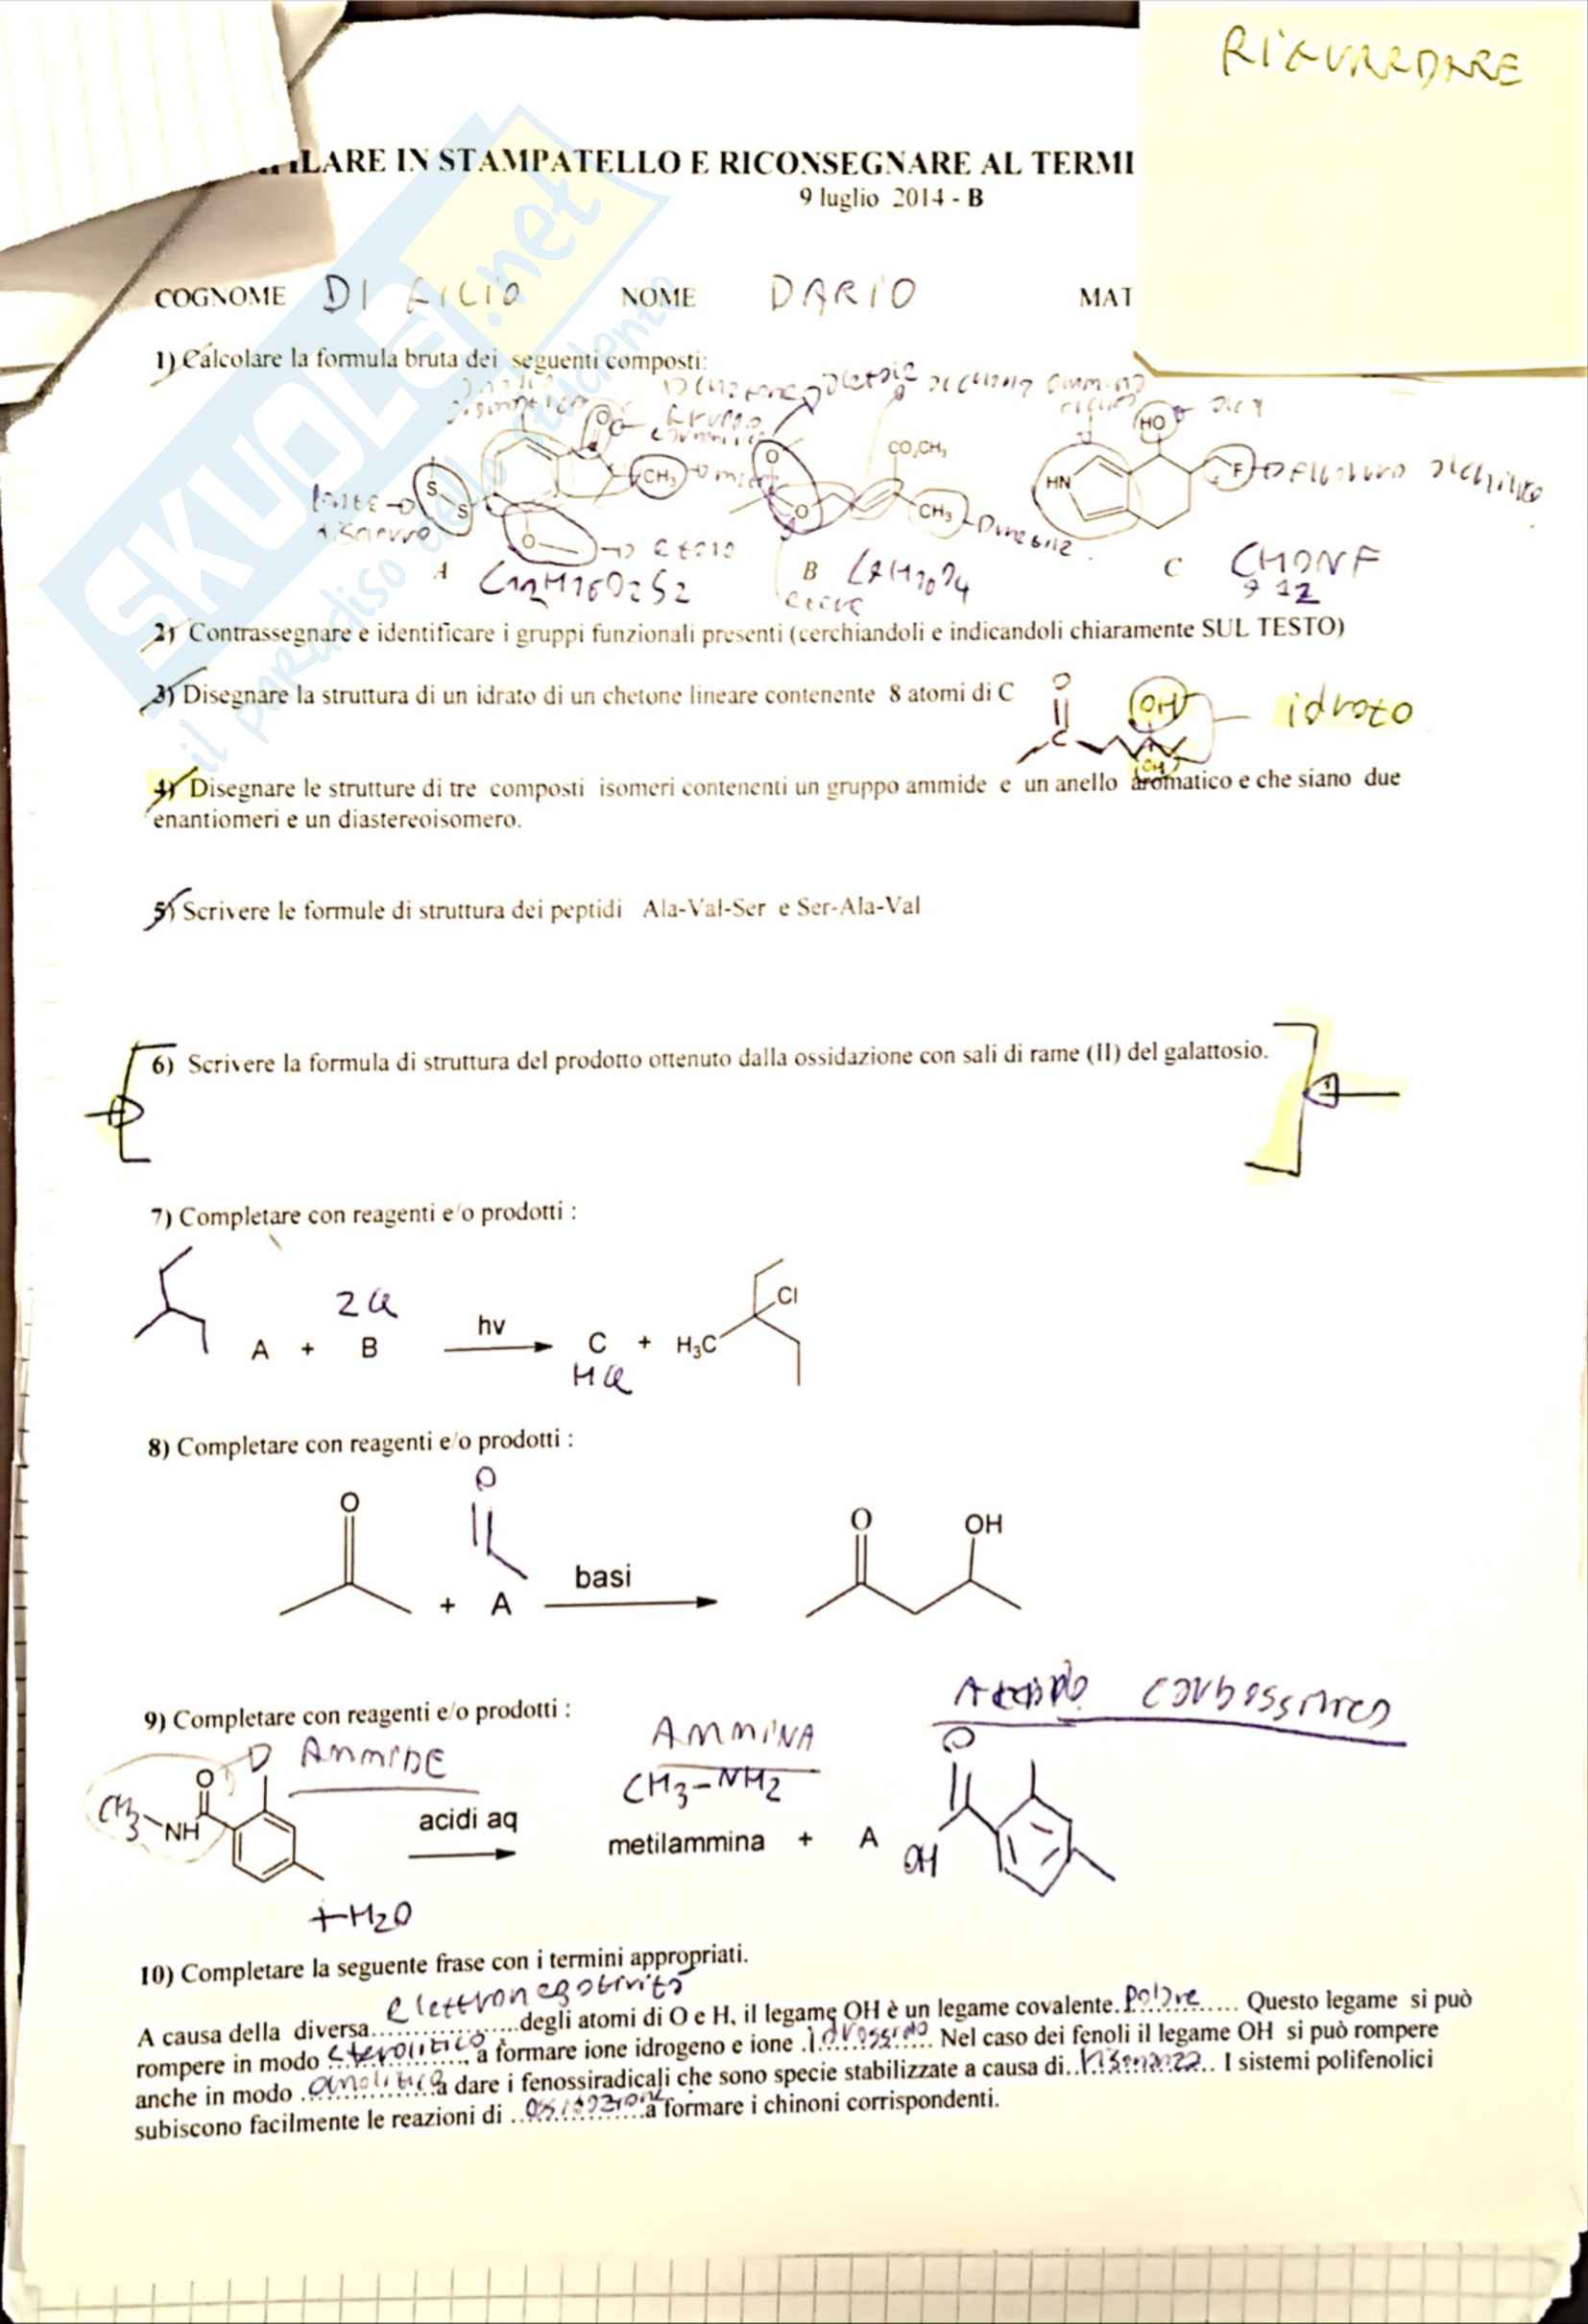 Chimica Organica - Esercizi & Simulazioni Fedeli delle prove d'esame Pag. 21